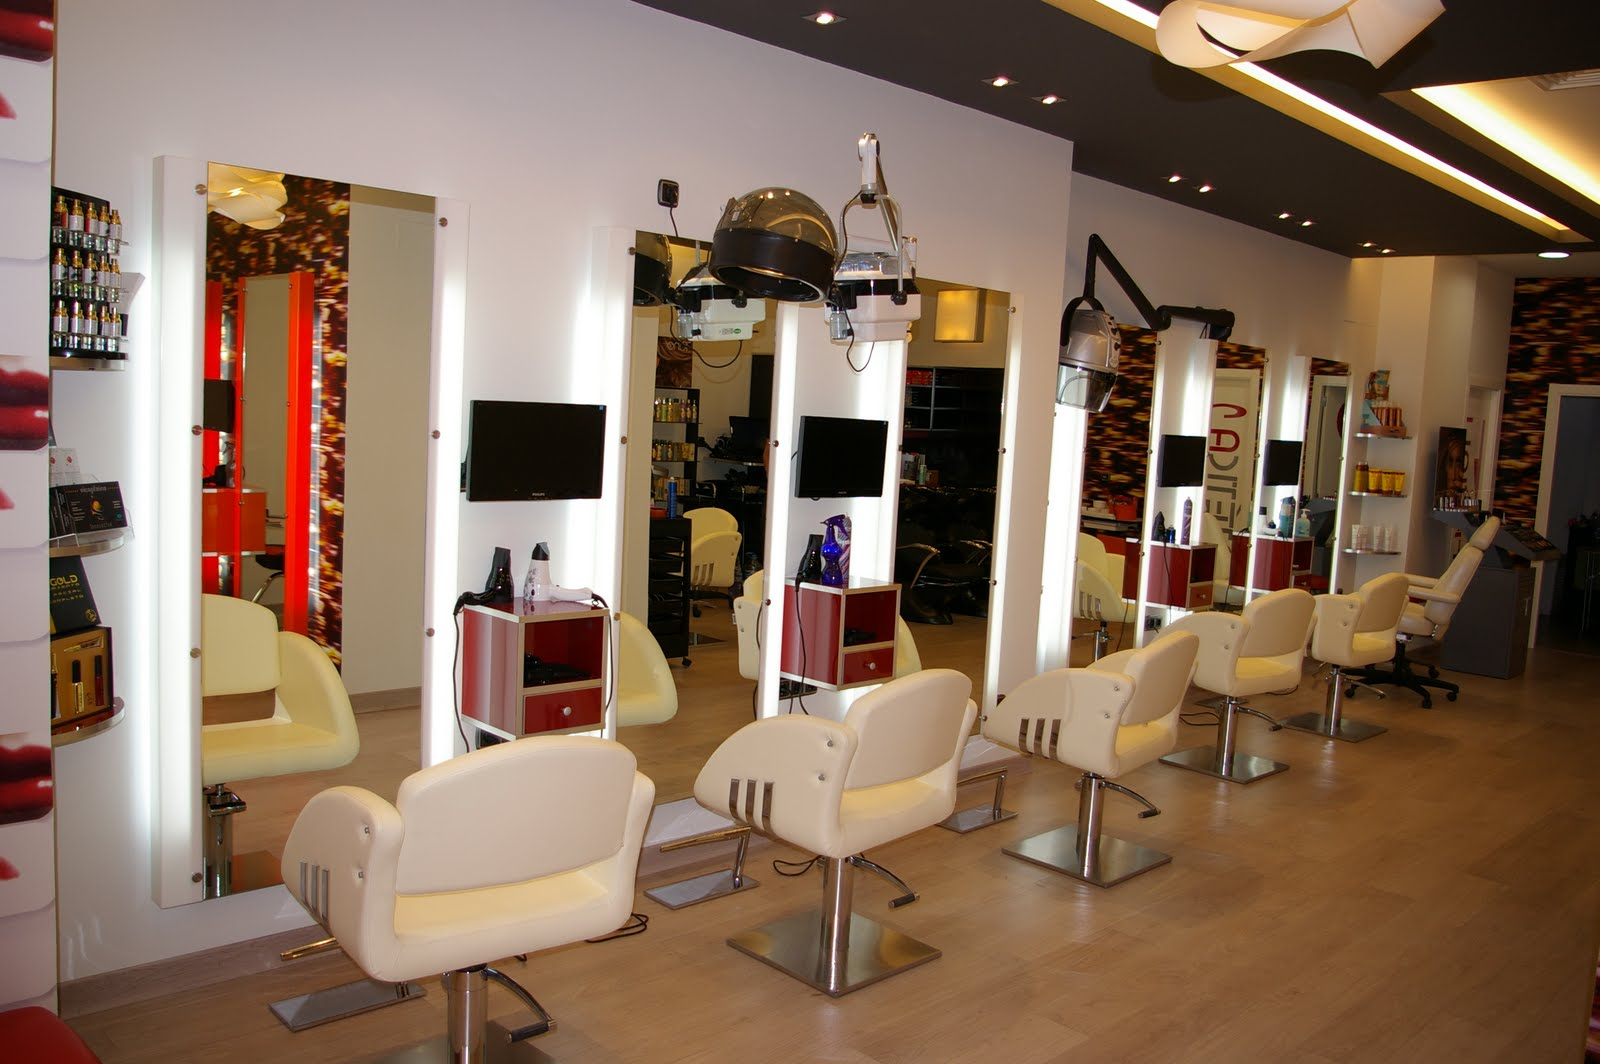 Llansola interiorismo comercial peluquer a est tica for Interiorismo comercial